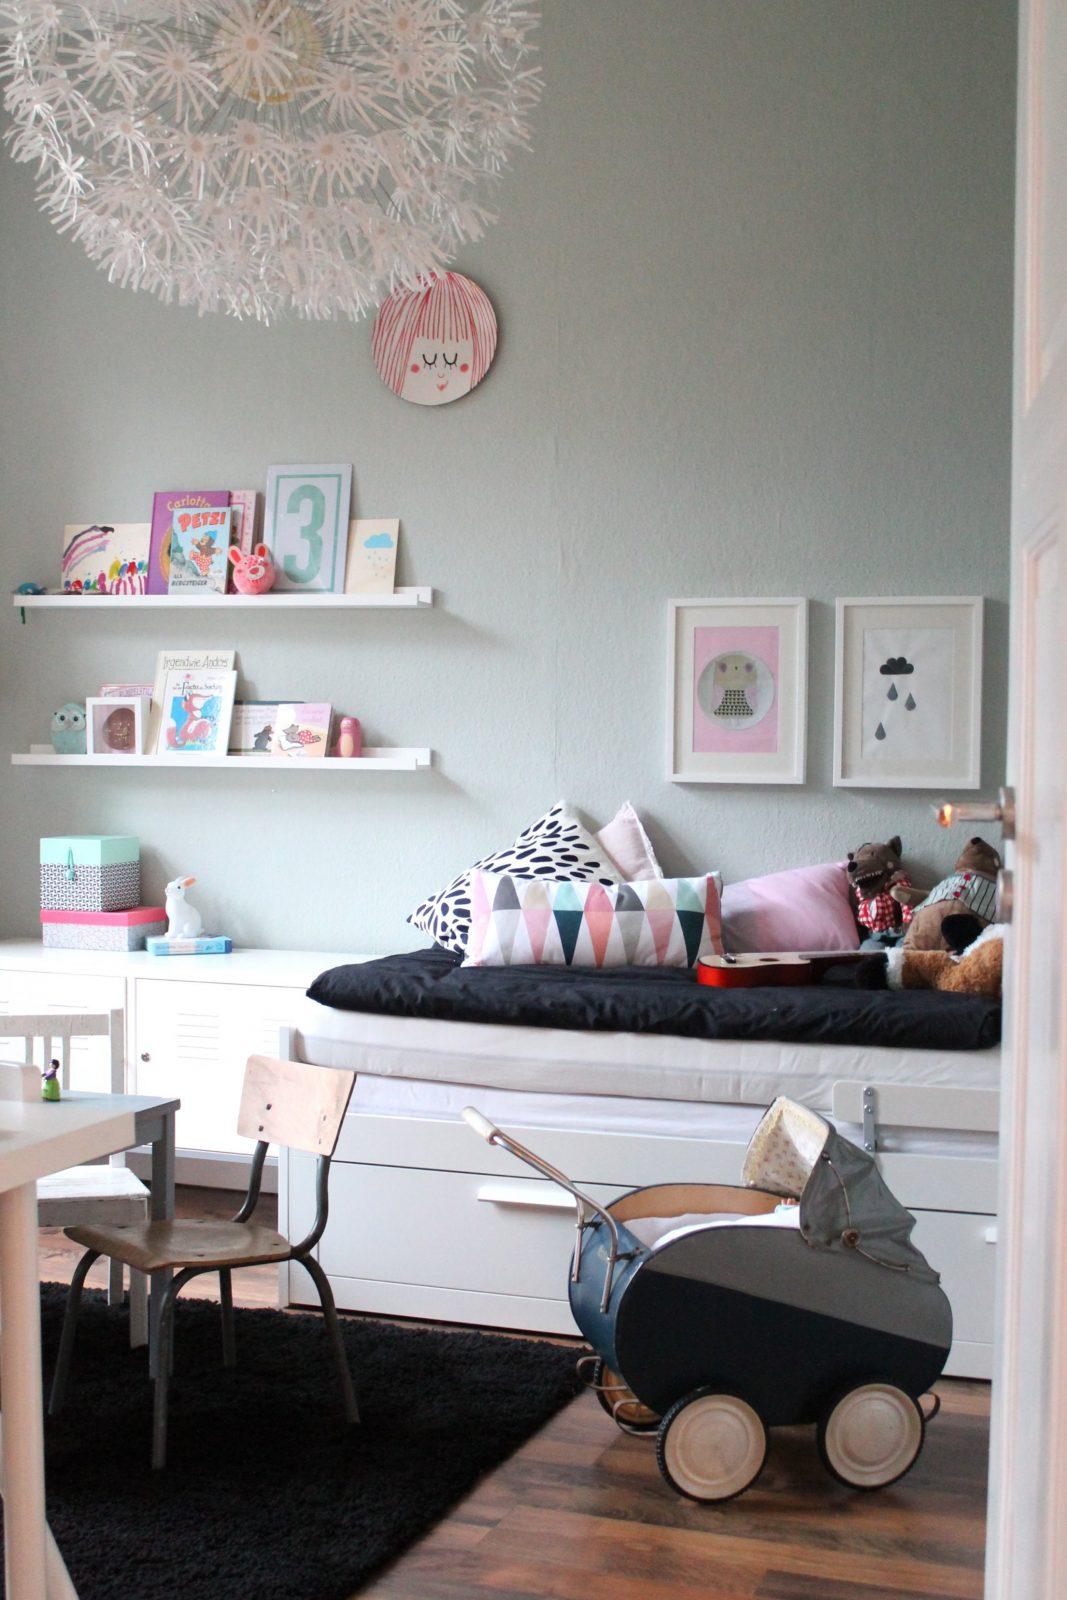 Die Schönsten Ideen Für Dein Kinderzimmer von Kinderzimmer Für Jungs Gestalten Bild